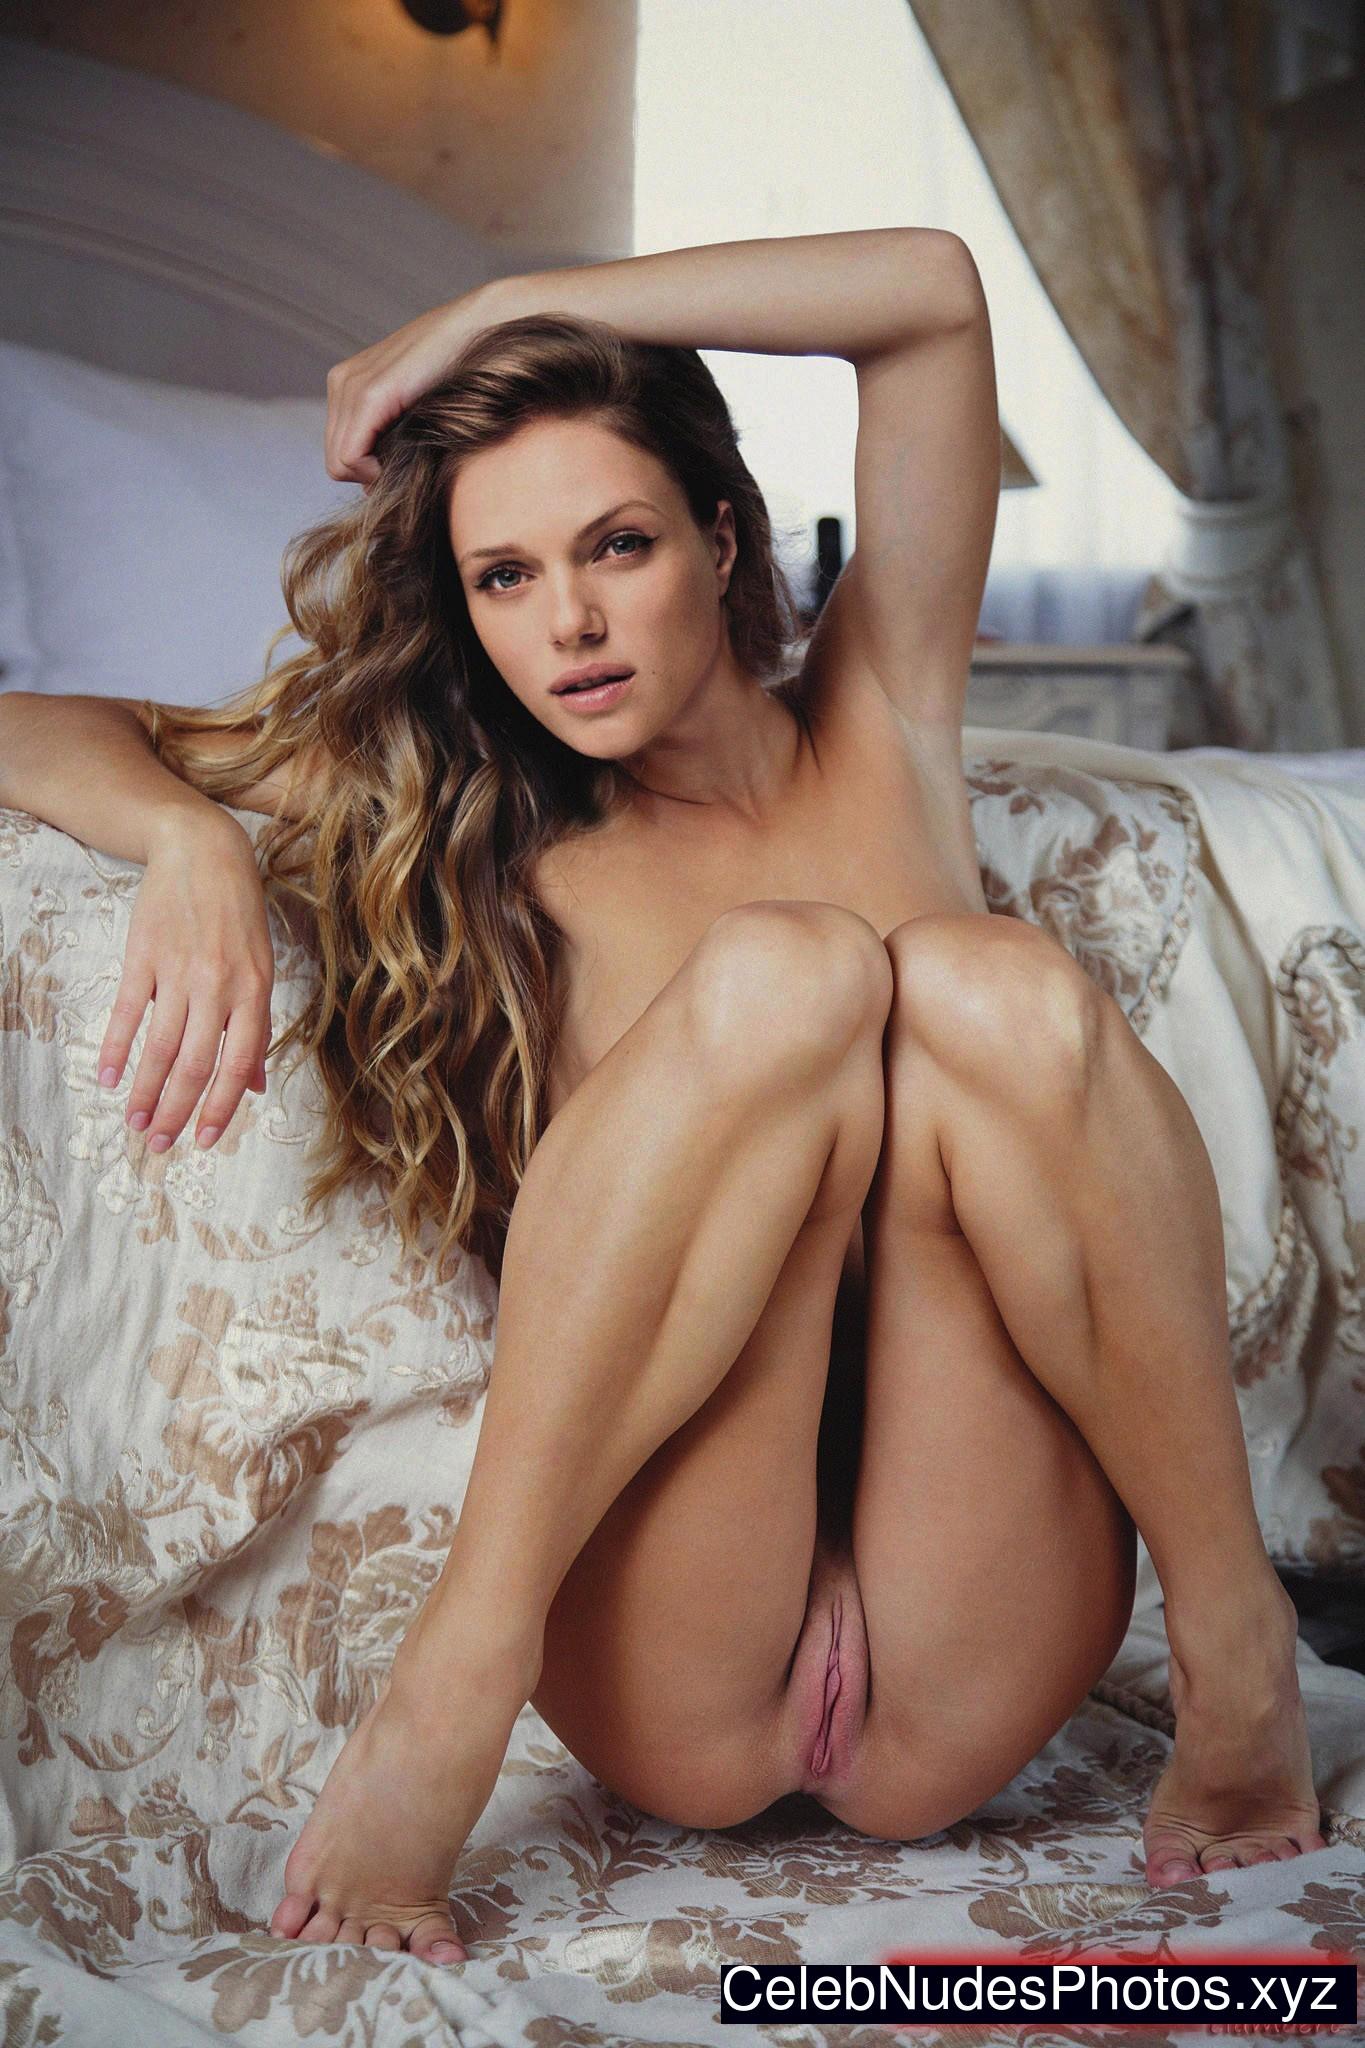 more nude pics